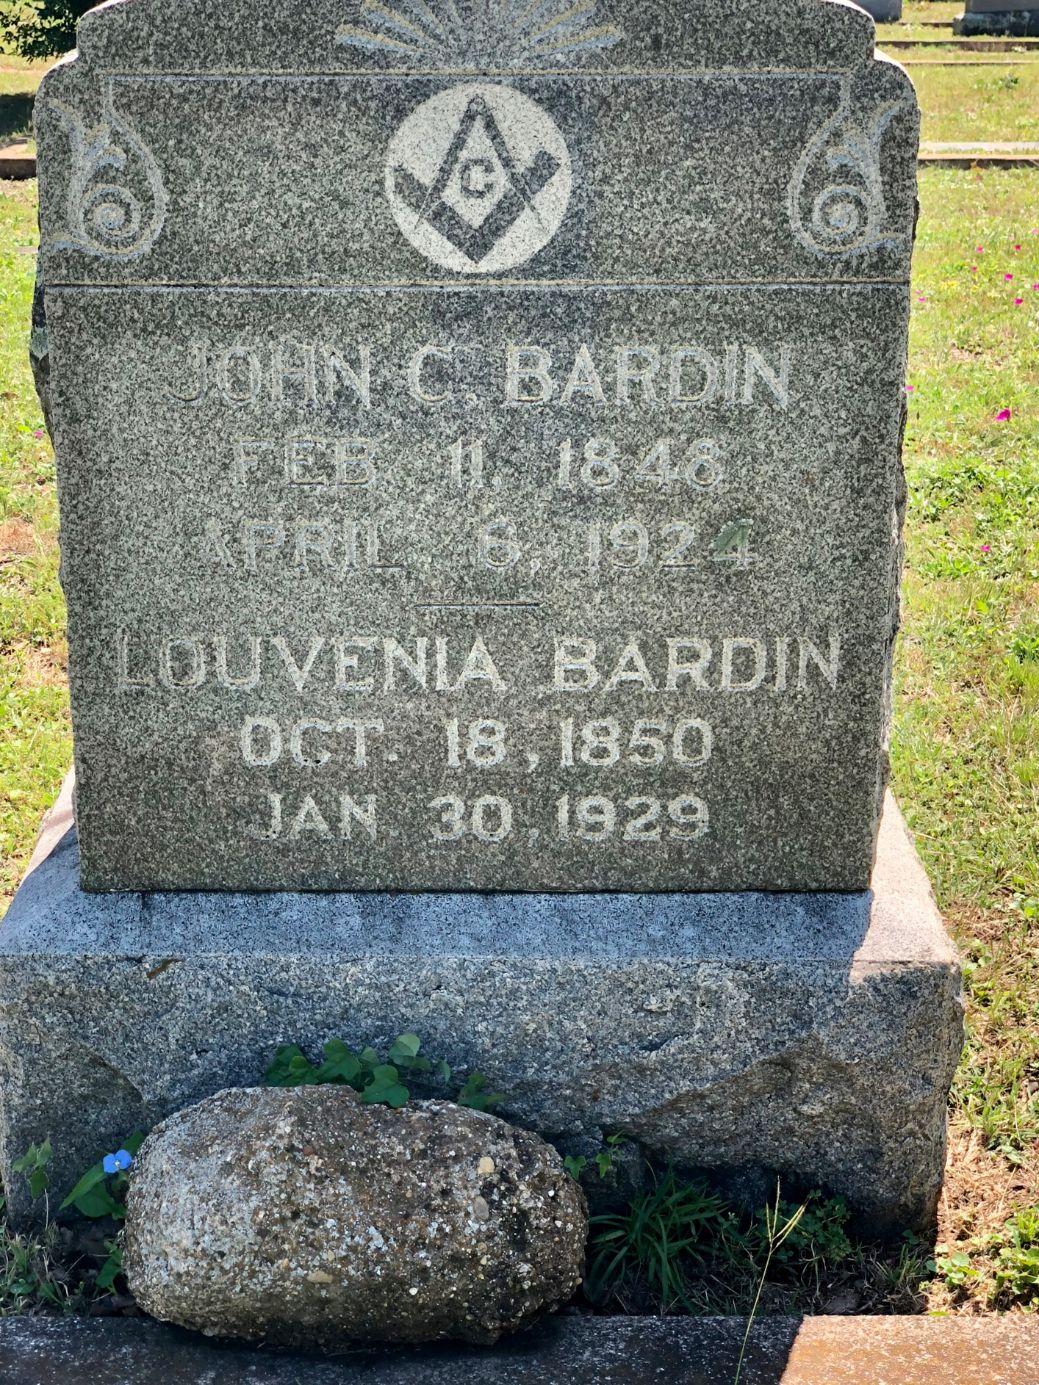 Bardin